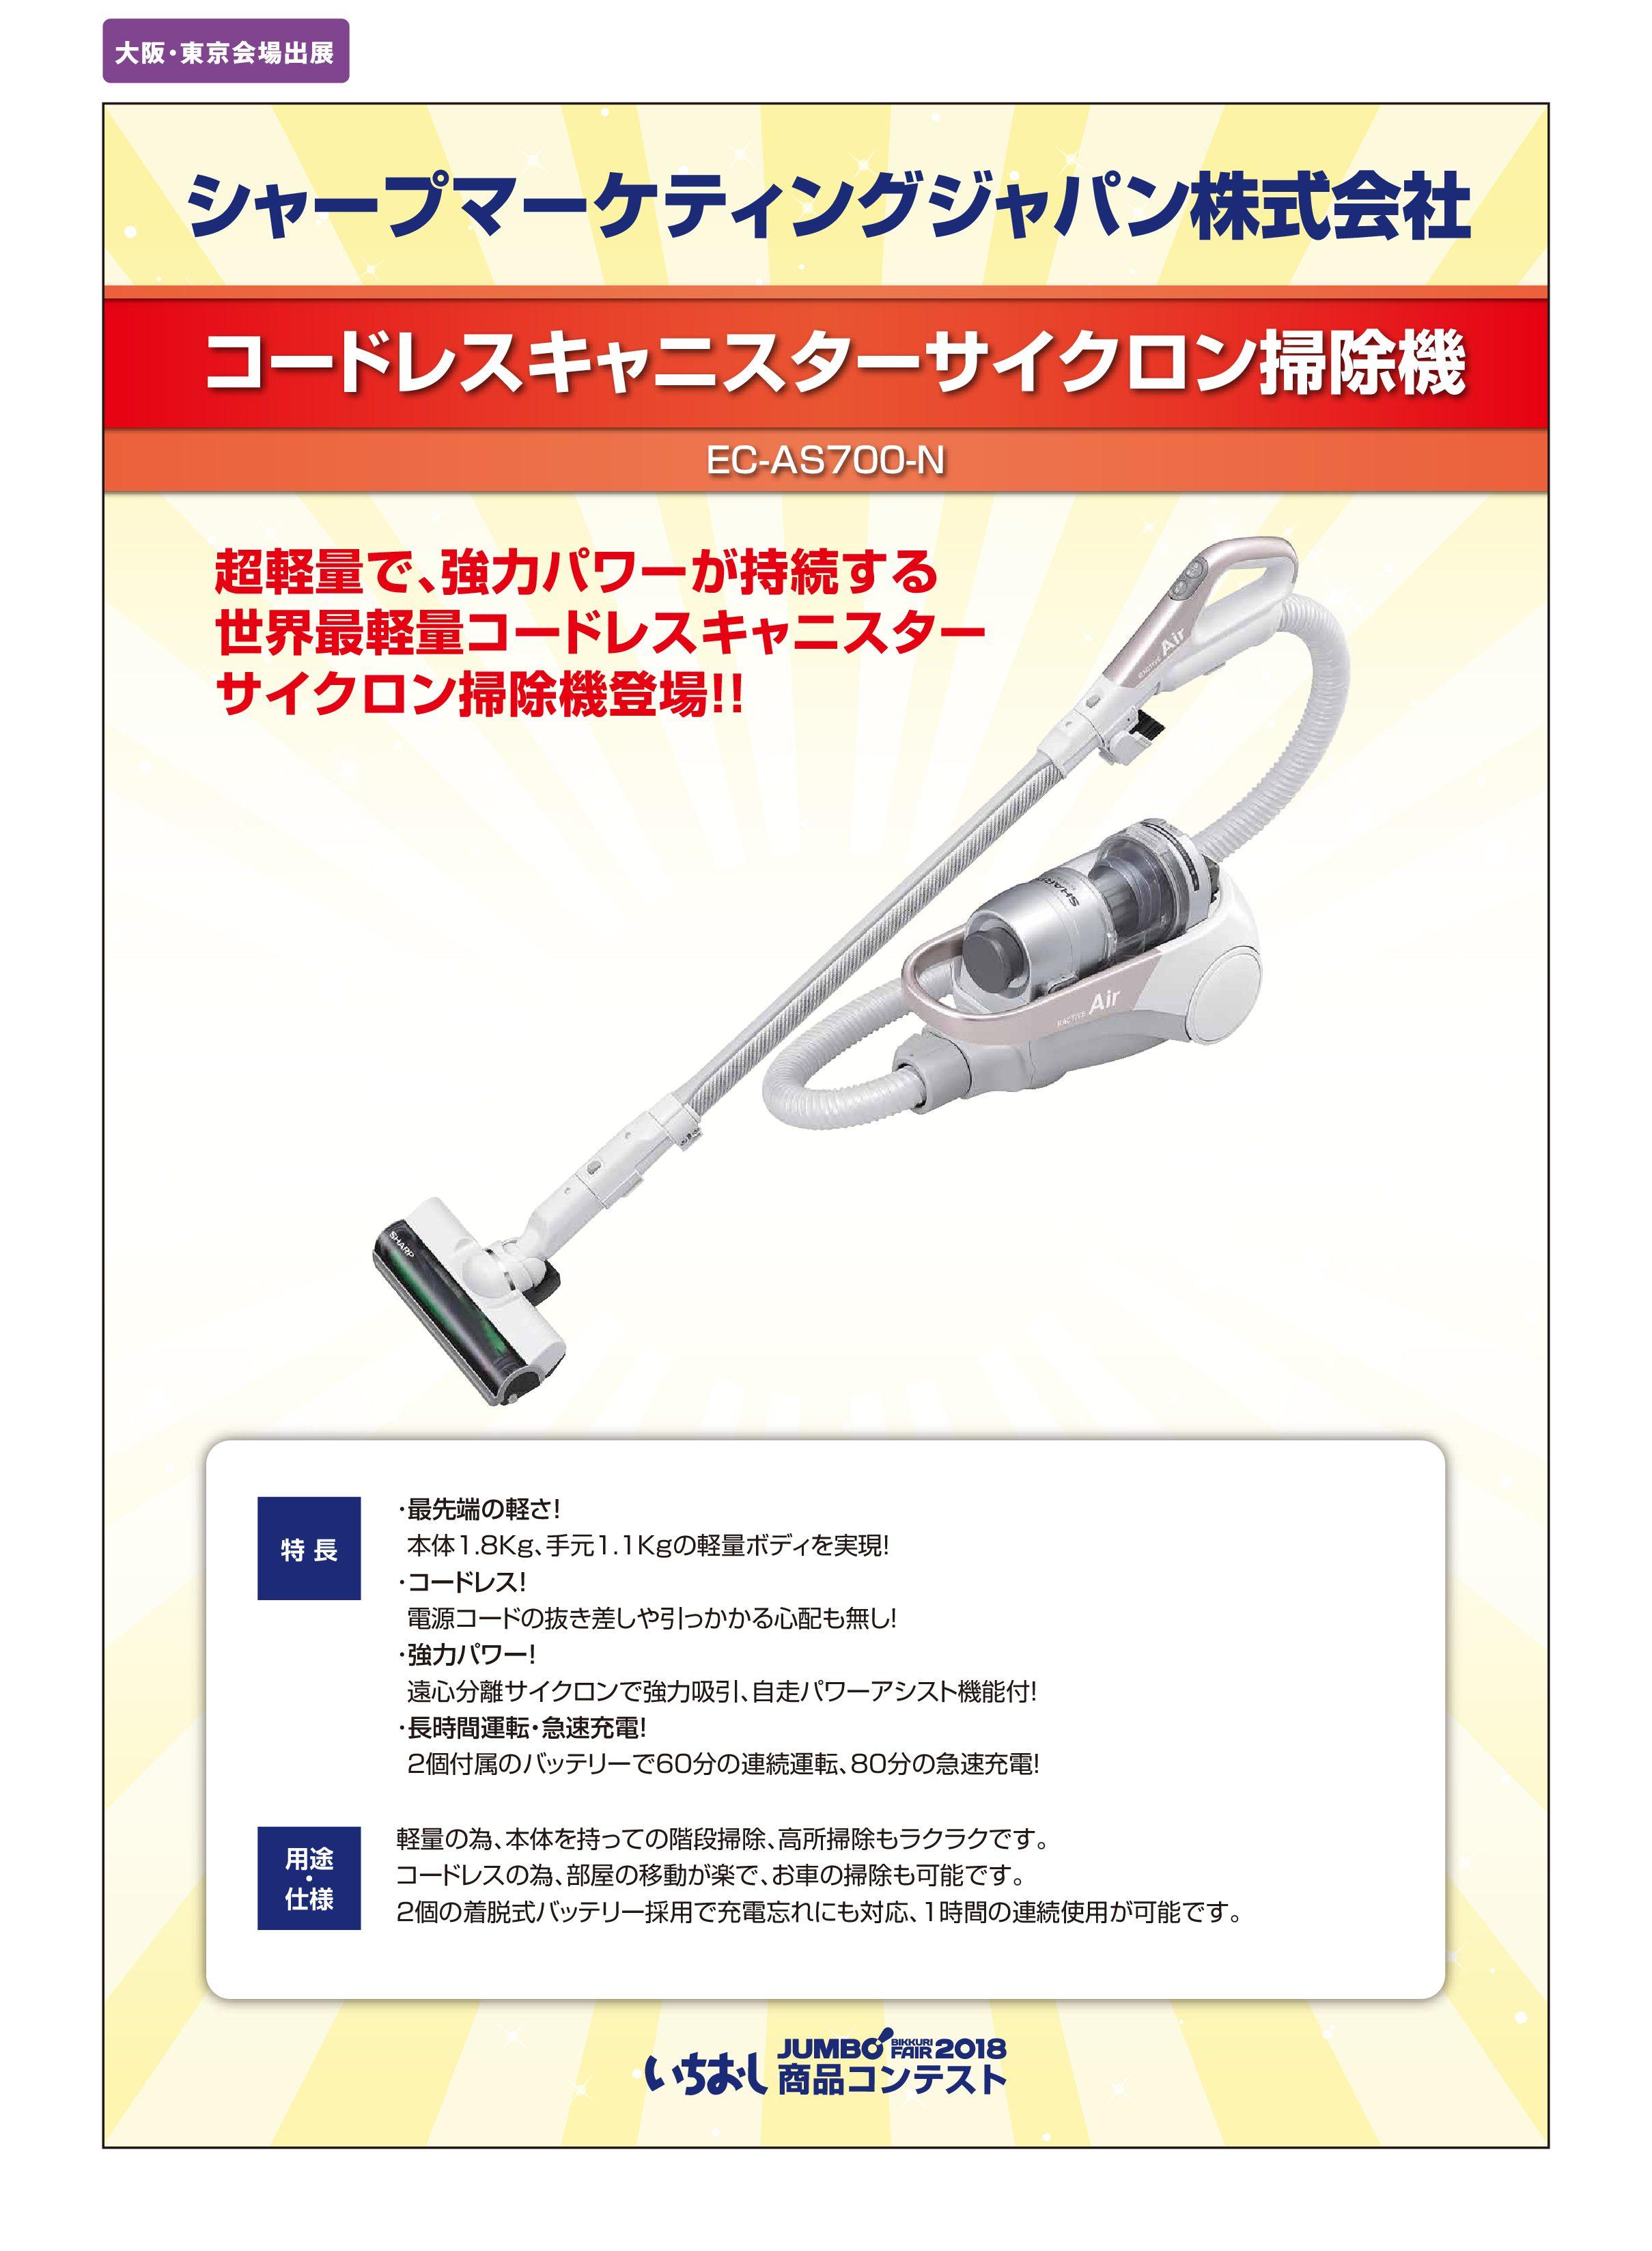 「コードレスキャニスターサイクロン掃除機」シャープマーケティングジャパン株式会社の画像